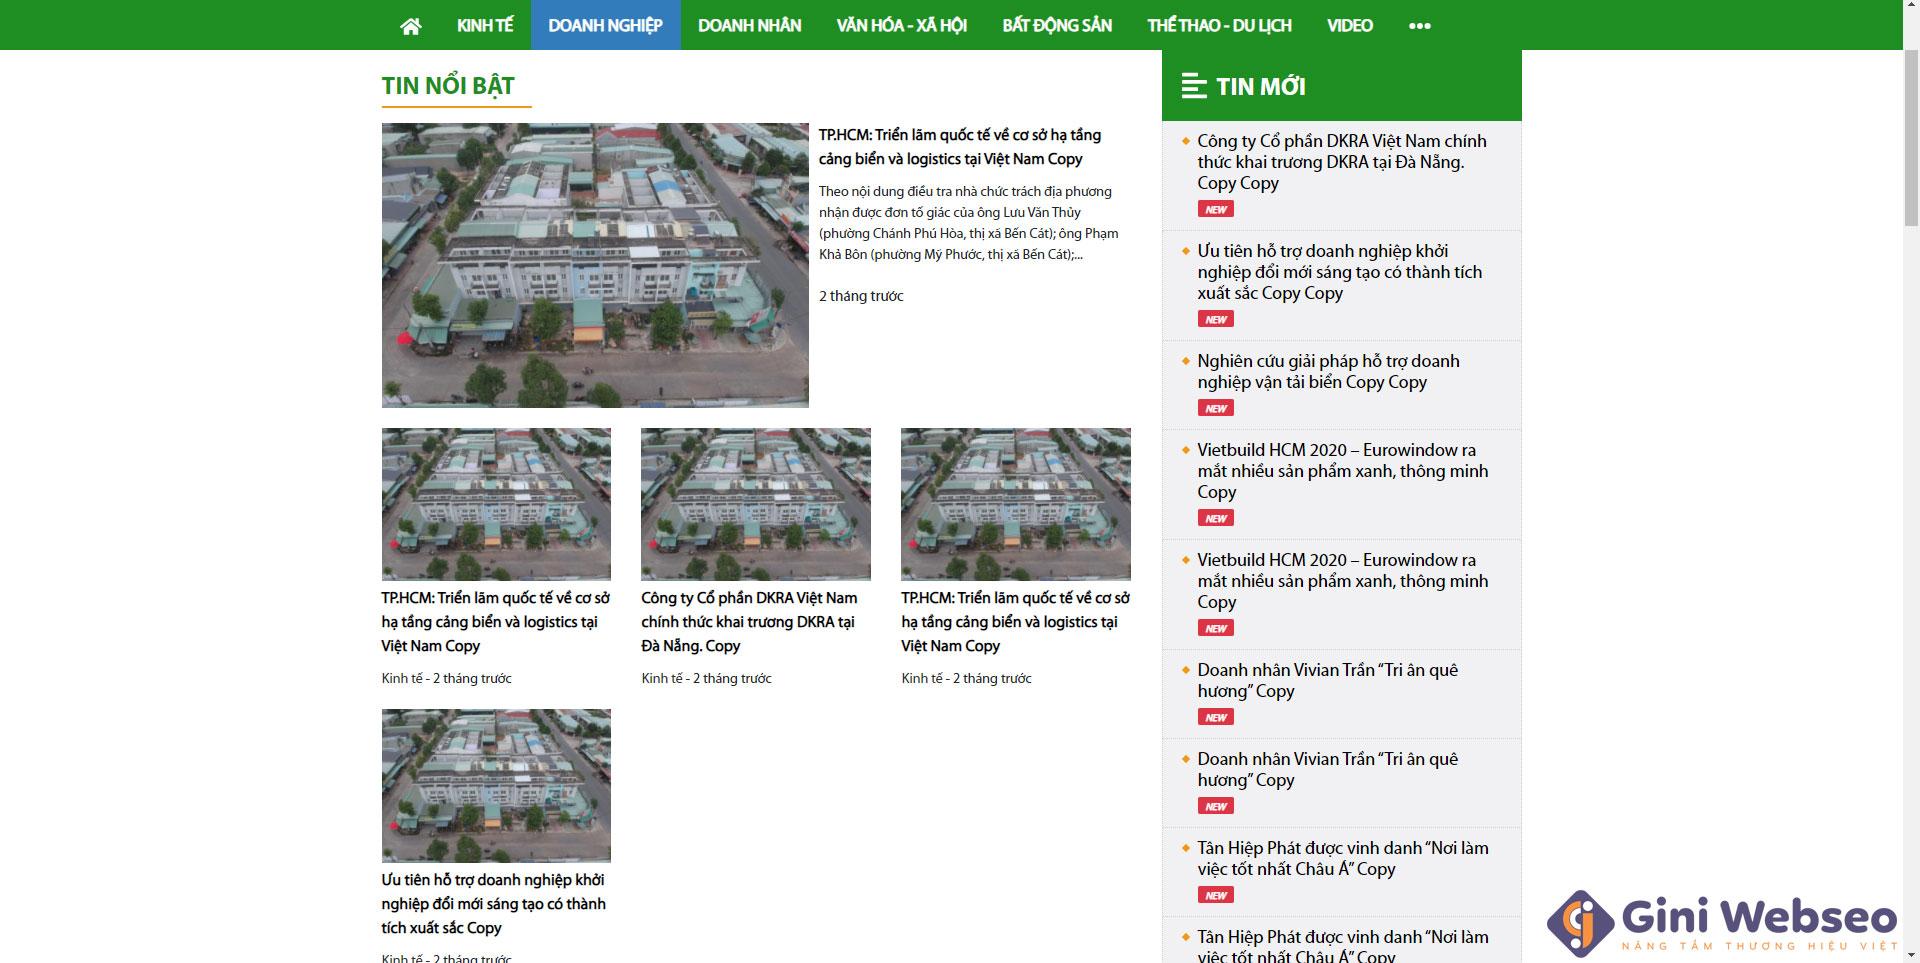 Giao diện tin doanh nghiệp thiết kế website tin tức